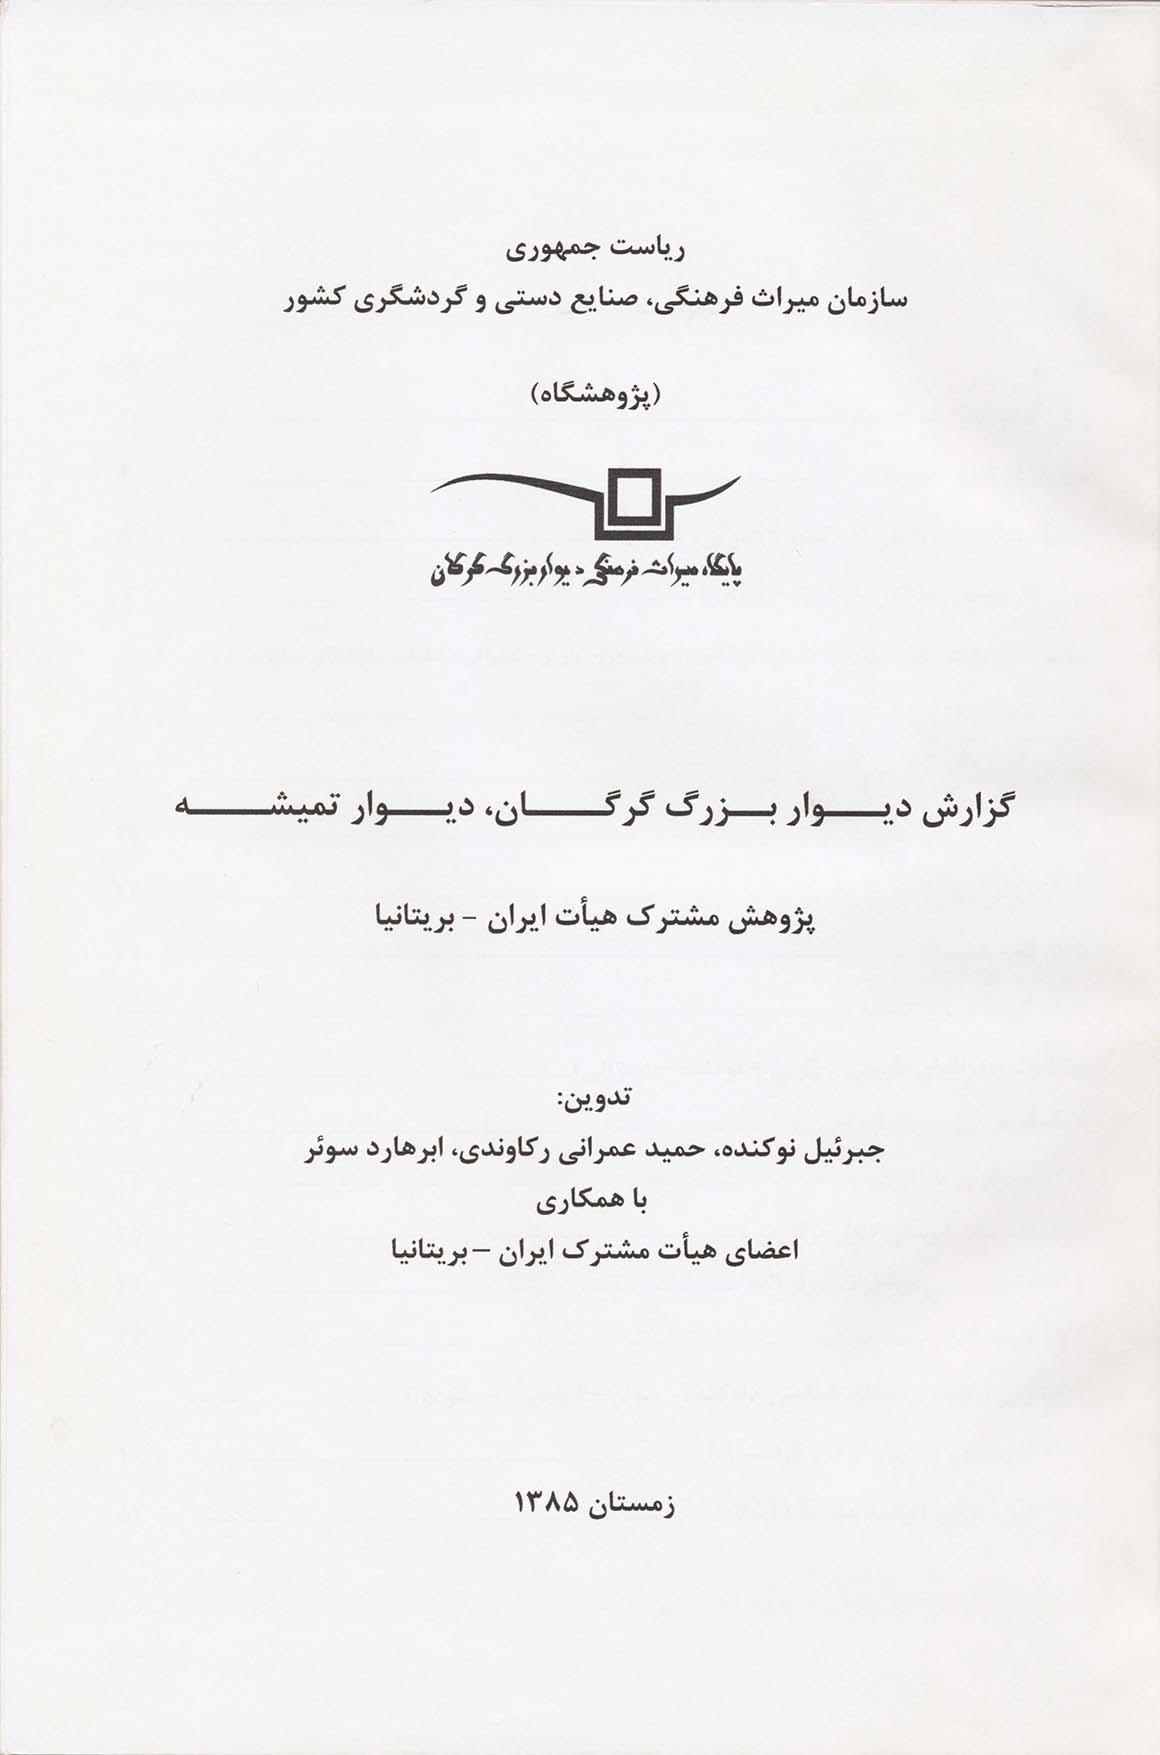 گزارش دیوار بزرگ گرگان - دیوار تمیشه پژوهش مشترک هیات ایرانی و بریتانیا 1385